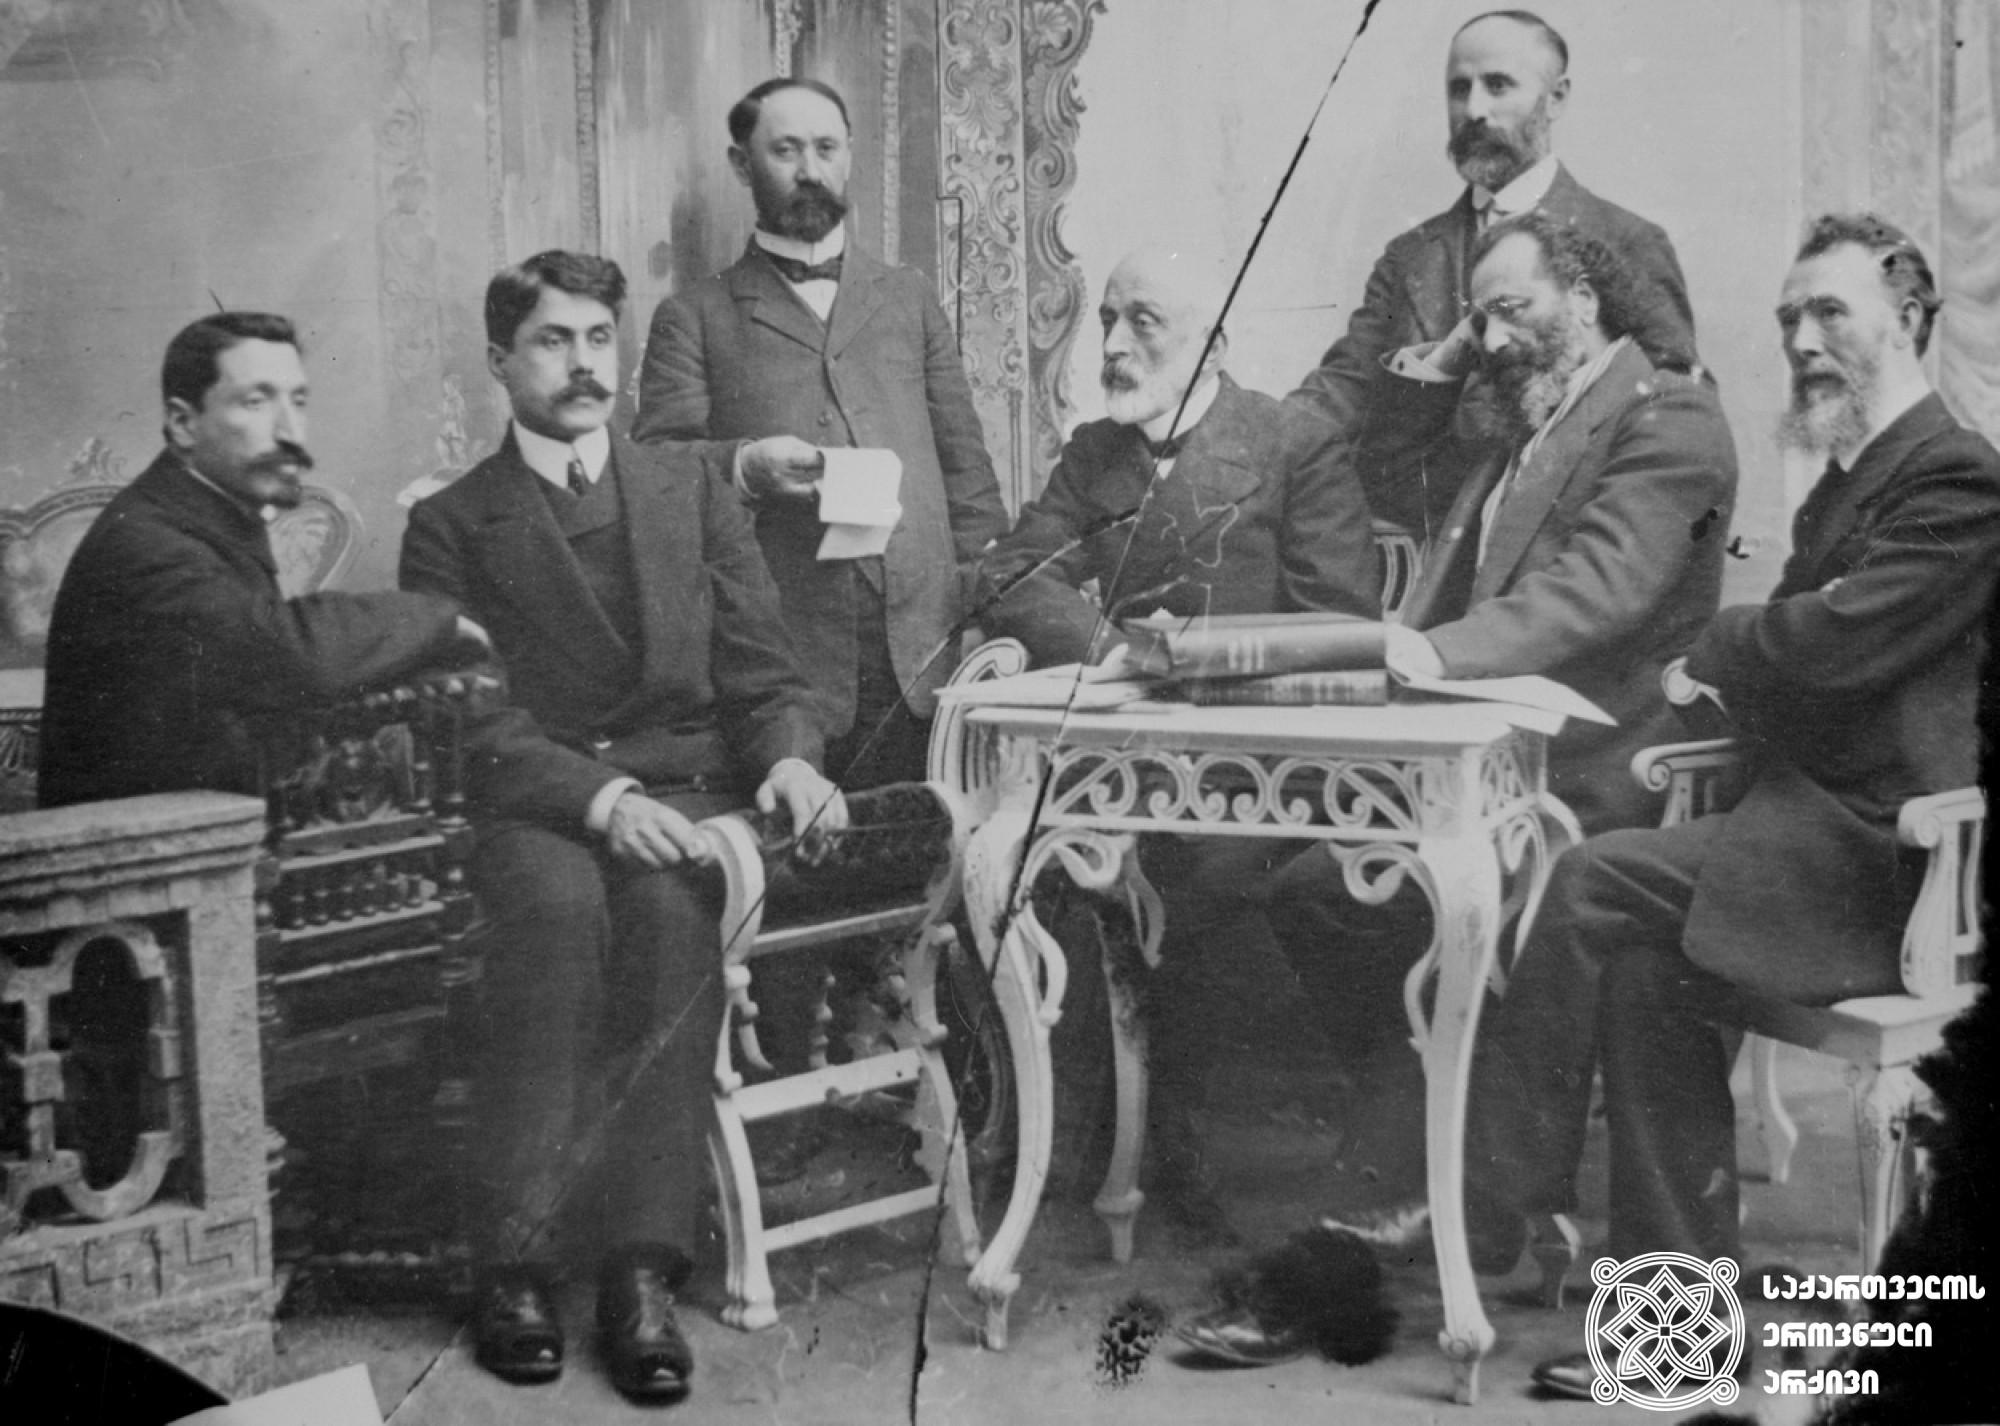 ქართველ მწერალთა და პოეტთა ჯგუფი. მარცხნიდან: ვარლამ რუხაძე, ჯაჯუ ჯორჯიკია, შიო მღვიმელი, იონა მეუნარგია, ია ეკალაძე, იასონ ნიკოლაიშვილი. მარჯვნივ დგას ისიდორე კვიცარიძე. [1910] <br> ფირის ნეგატივი 6X6. <br> Group of Georgian writers and poets. From left: Varlam Rukhadze, Jaju Jorjikia, Shio Mghvimeli, Iona Meunargia, Ia Ekaladze, Iason Nikolaishvili. Isidore Kvitsaridze stands on the right. [1910] <br> The negative of the tape is 6X6. <br>